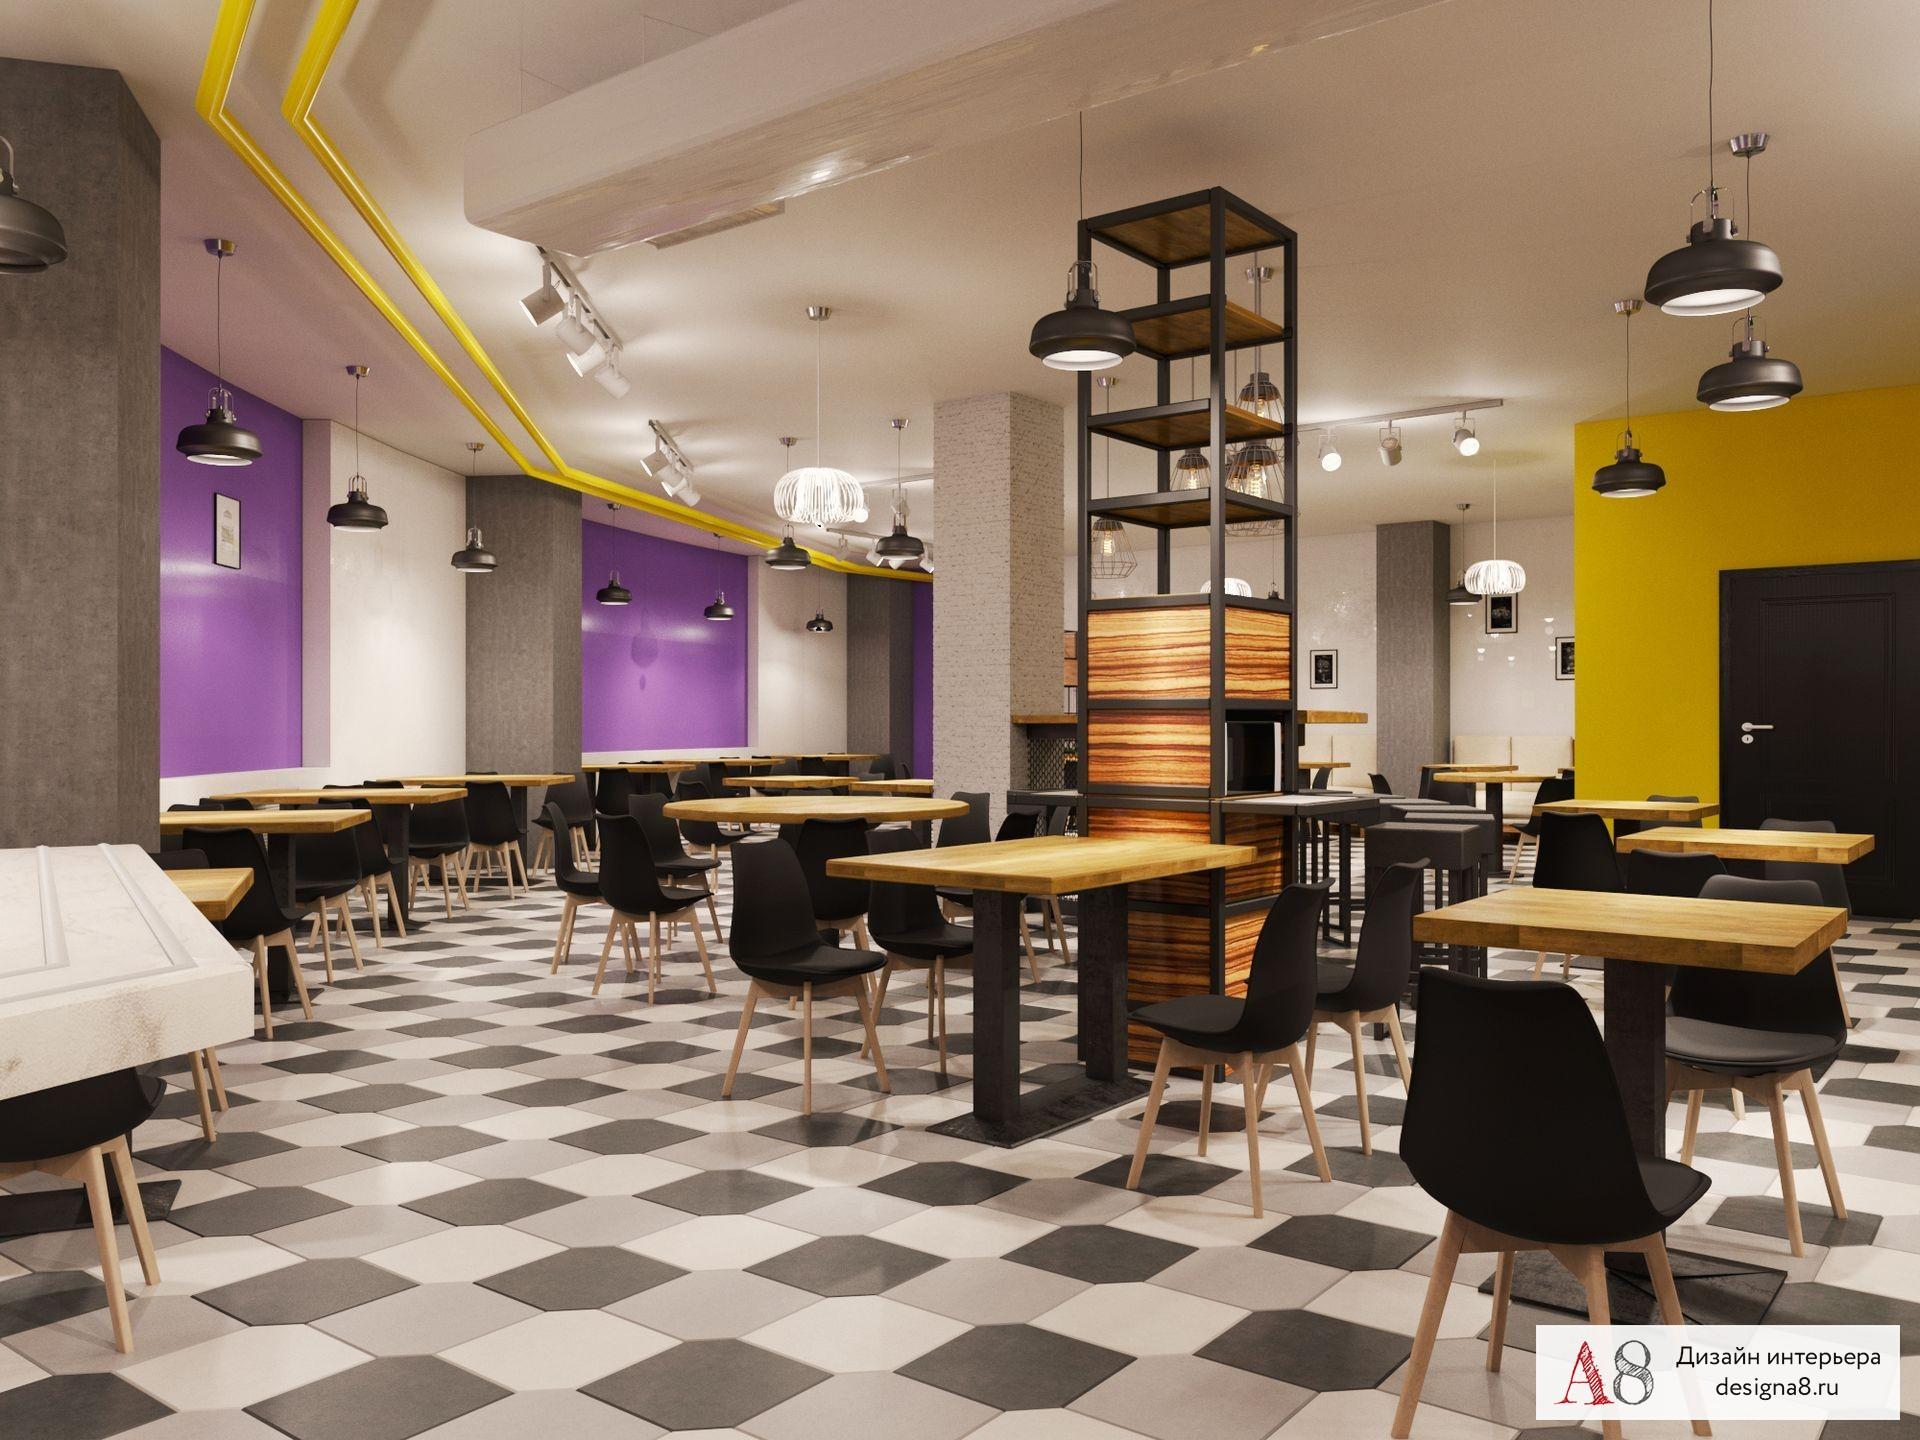 Ремонт ресторанов в Москве - дизайн и ремонт ресторанов